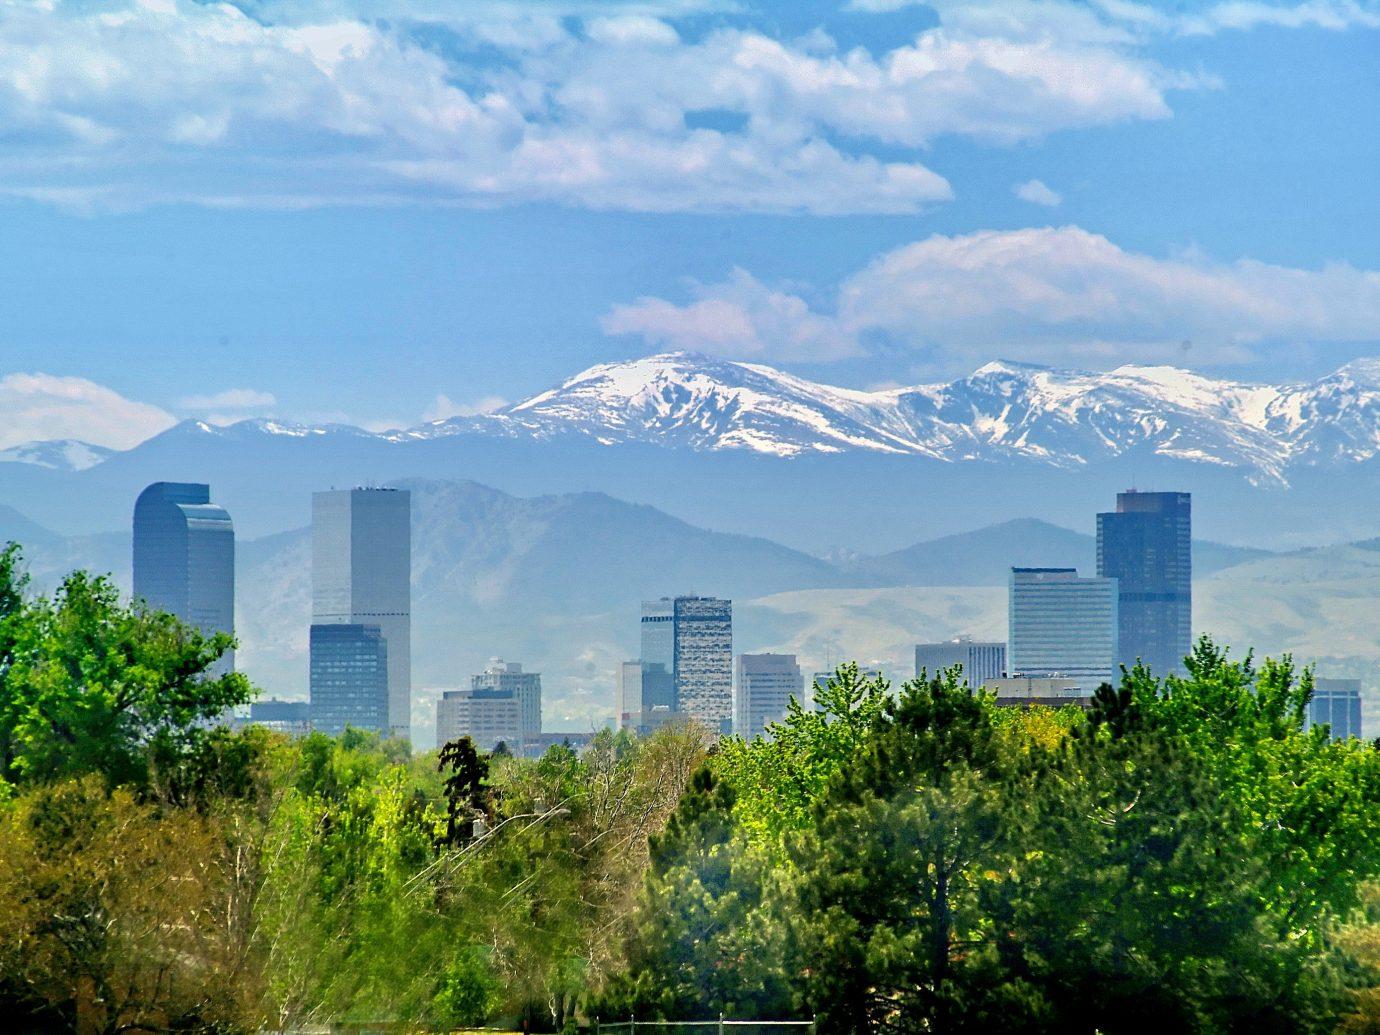 Skyline of Denver, CO